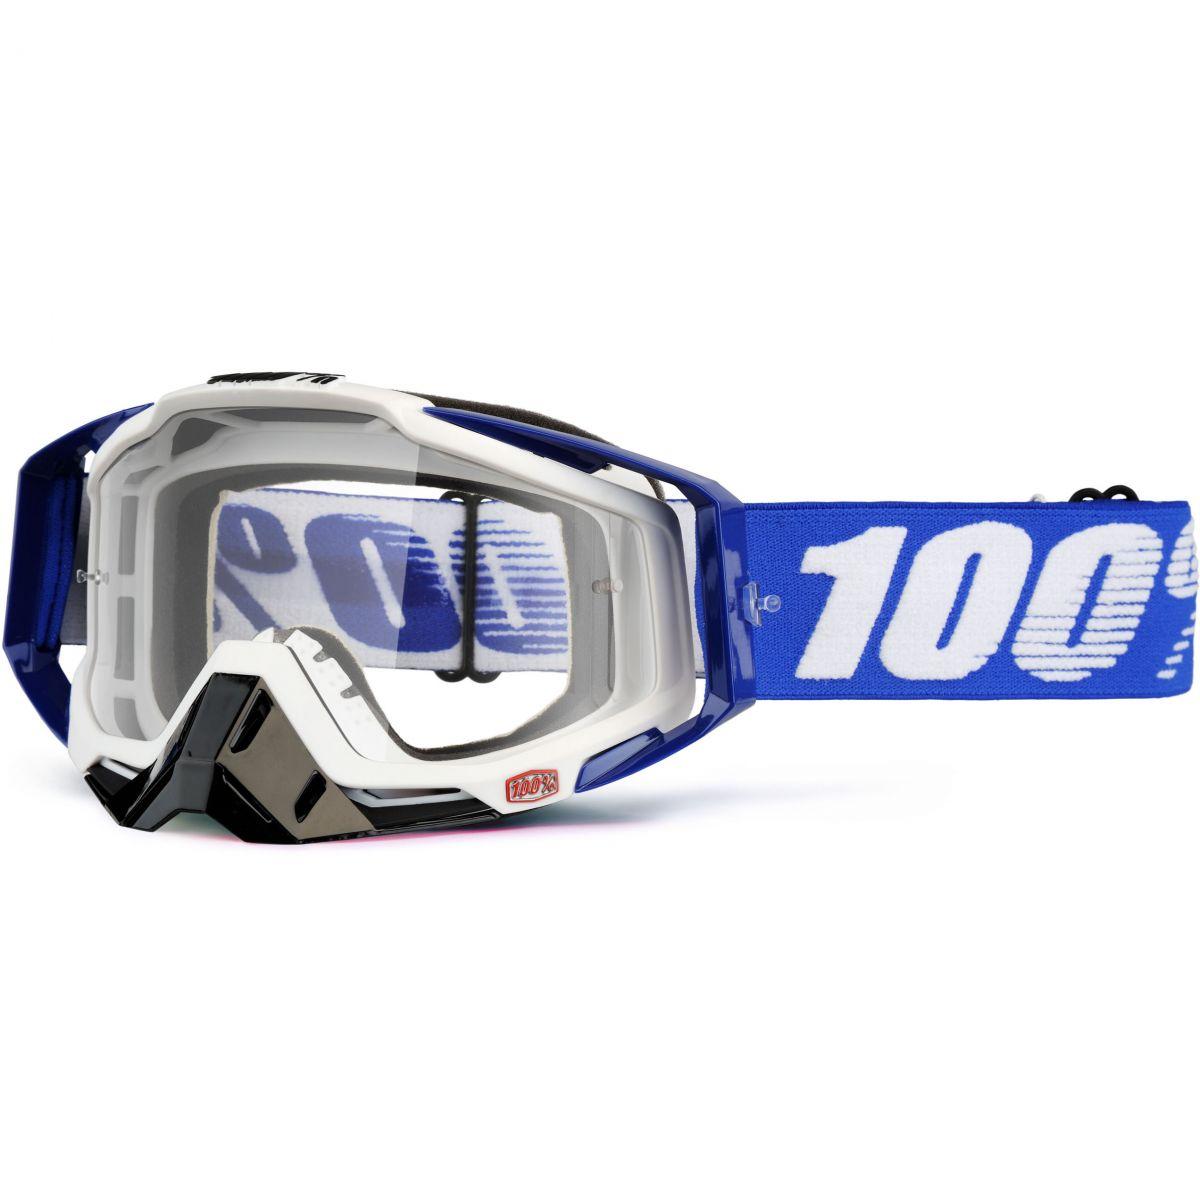 100% - Racecraft Cobalt Blue очки, прозрачная линза